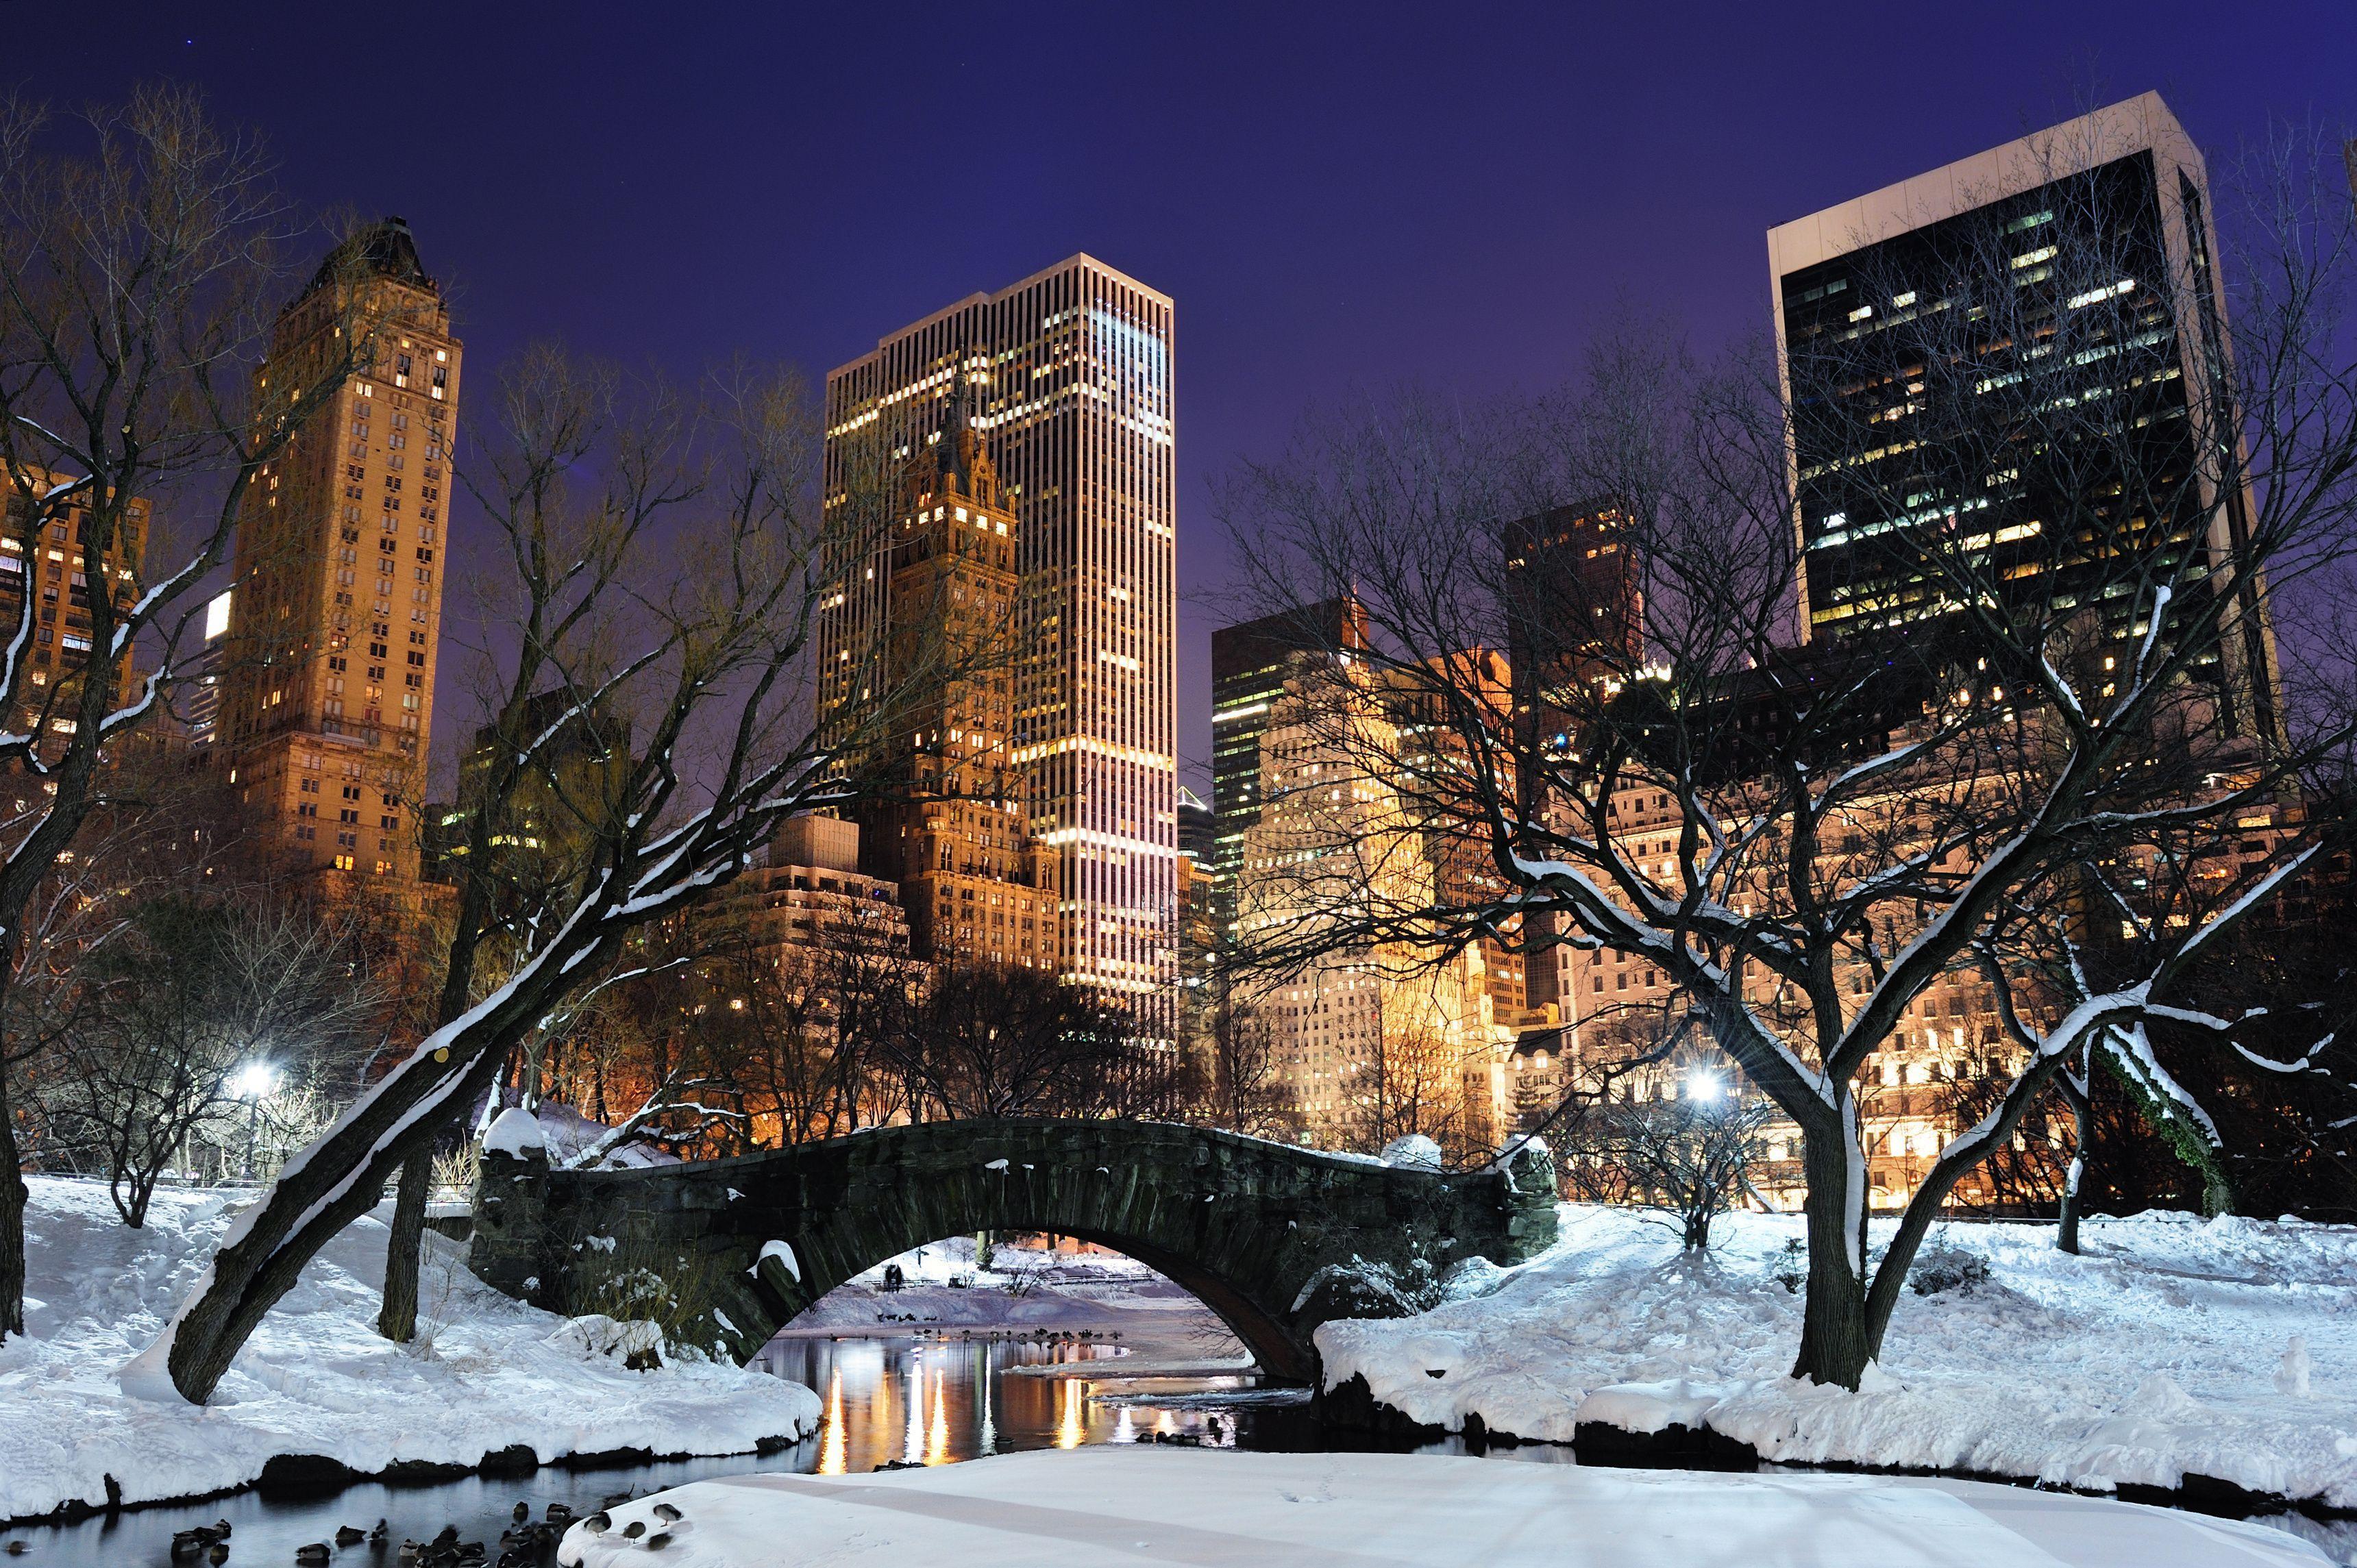 New York Winter Desktop Wallpapers Top Free New York Winter Desktop Backgrounds Wallpaperaccess